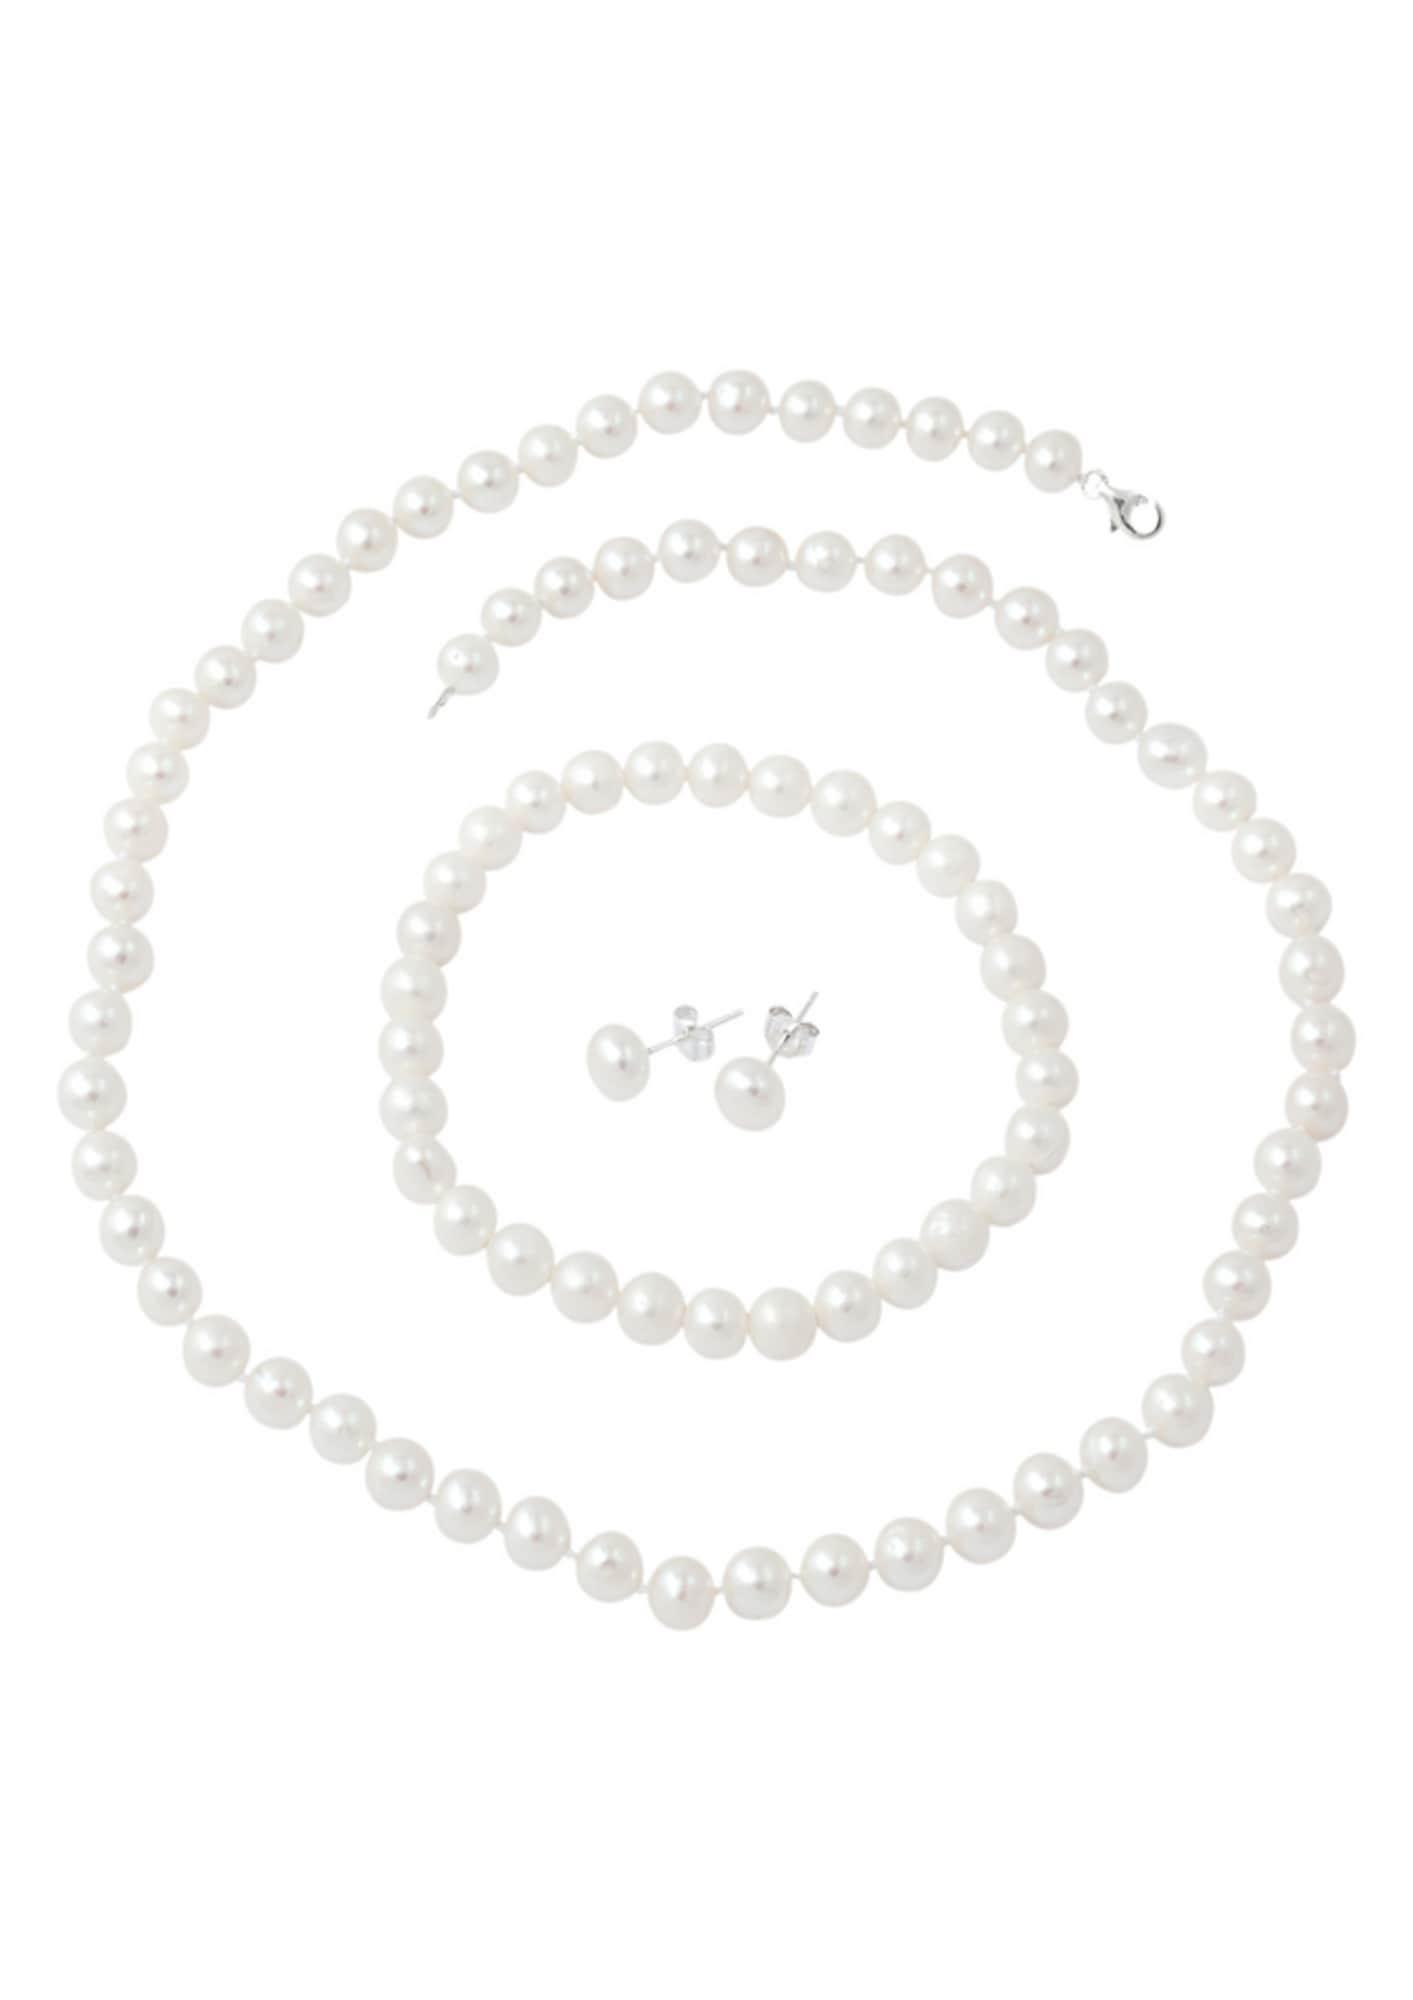 Schmucksets für Frauen - FIRETTI firetti Schmuckset Kette, Armband und Ohrstecker mit Perlen (4tlg.) silber  - Onlineshop ABOUT YOU